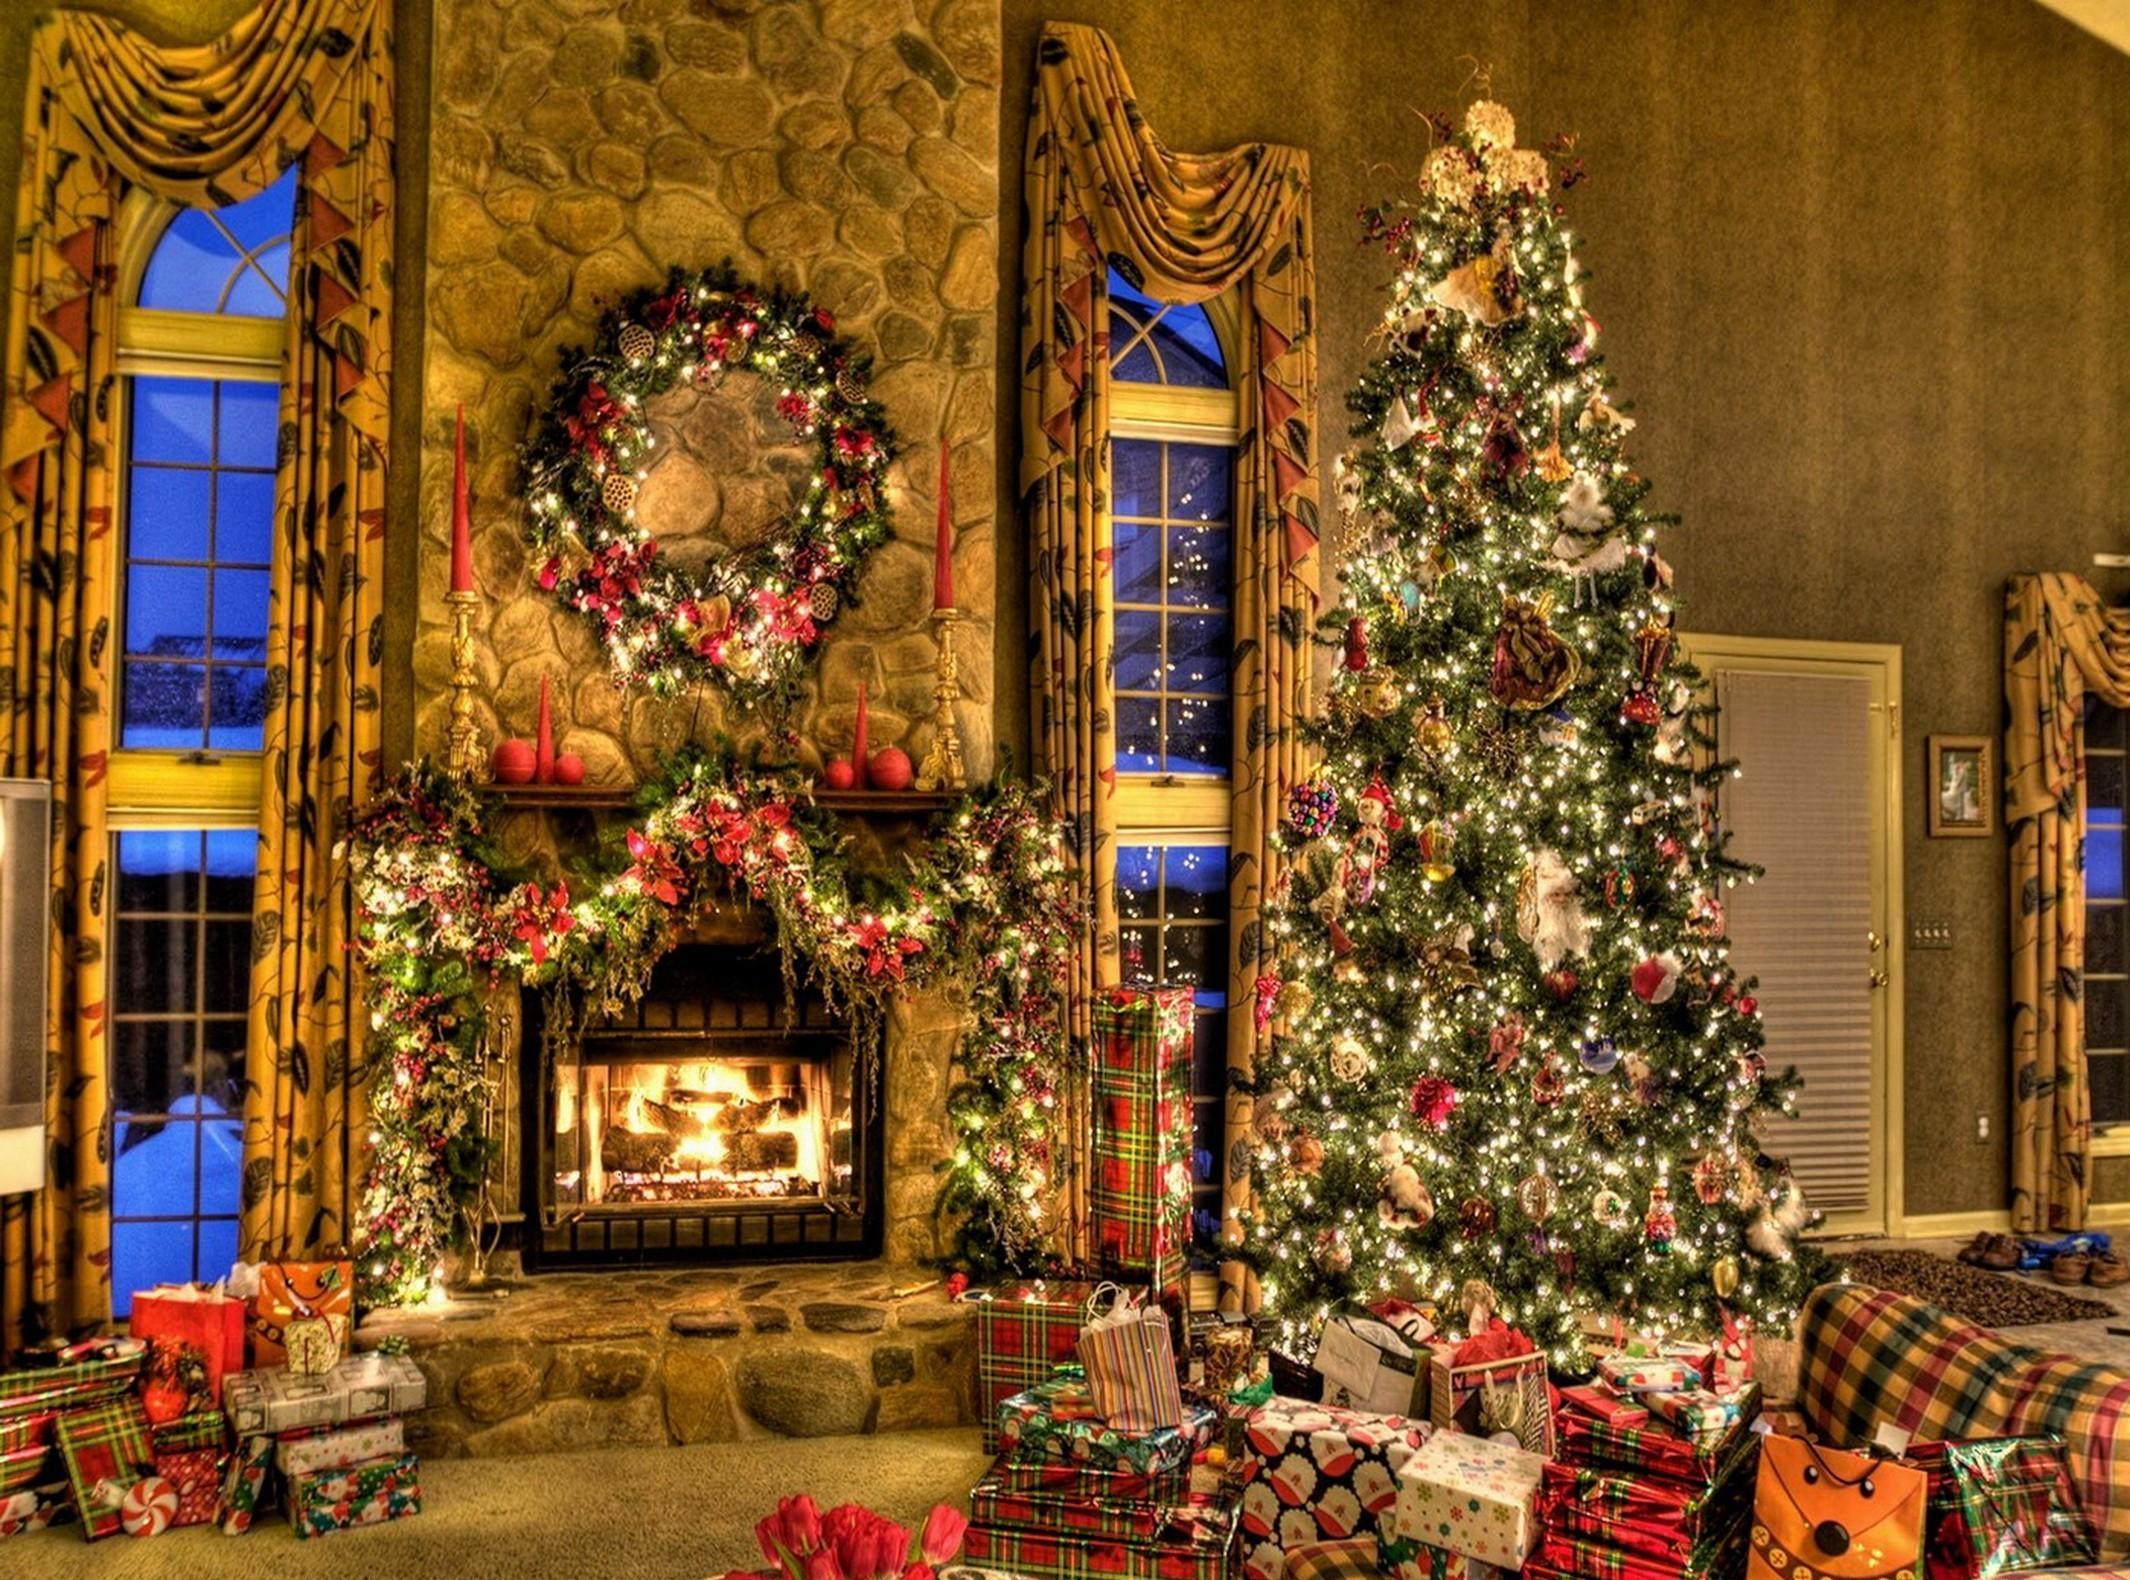 Weihnachtsbeleuchtung Kranz.Hintergrundbilder Weihnachtsbaum Weihnachten Geschenke Kamin